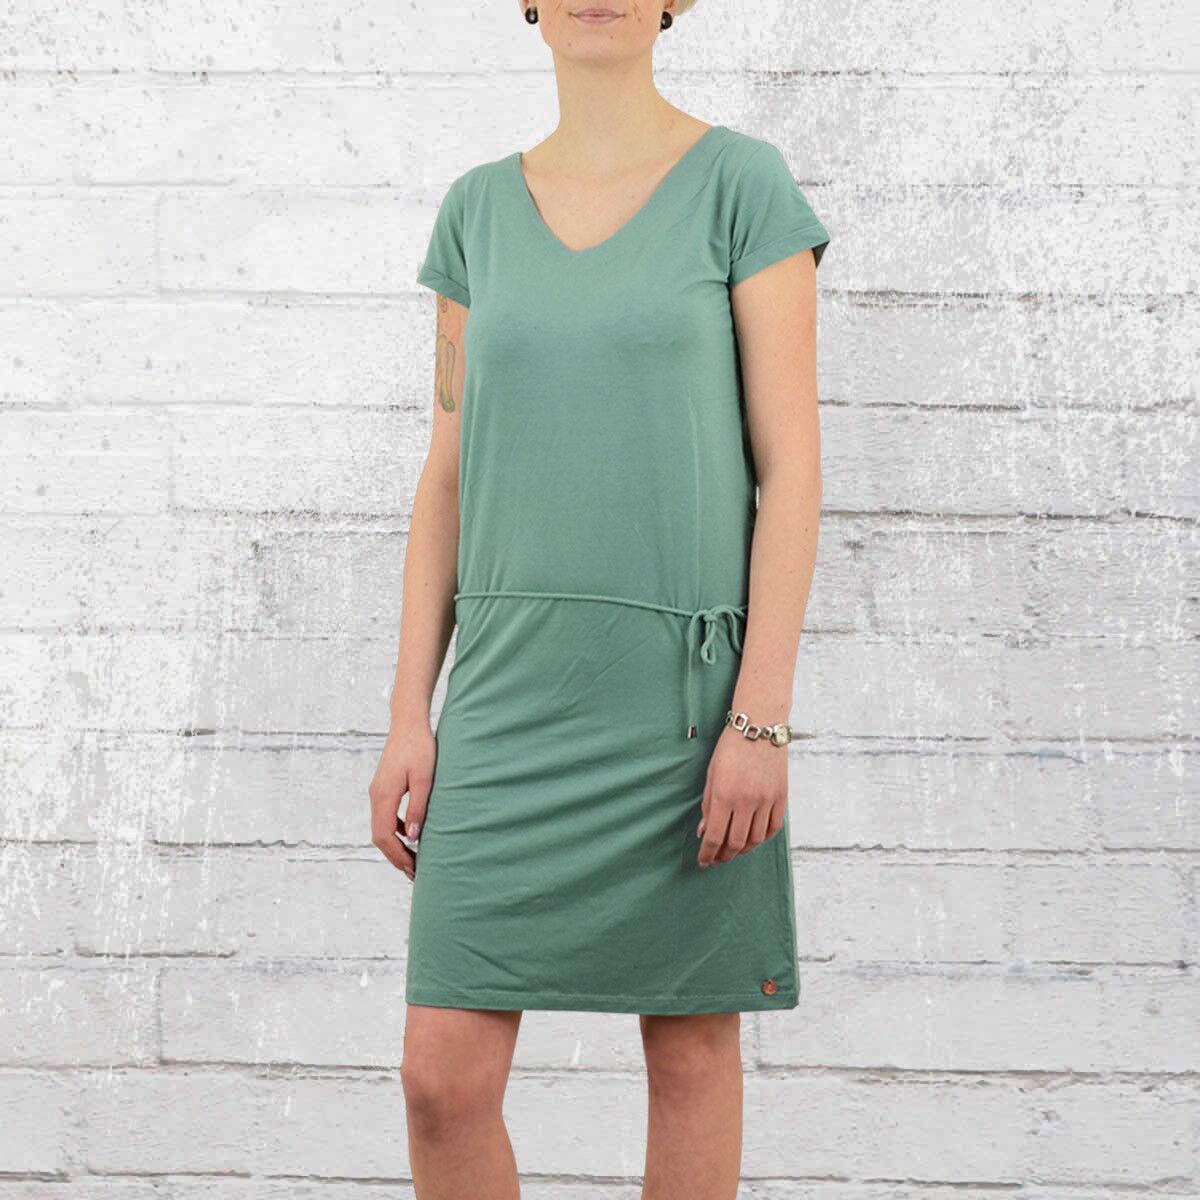 Derbe Hamburg Kleid Leeloo türkis sportliches Minikleid Dress mineral grün